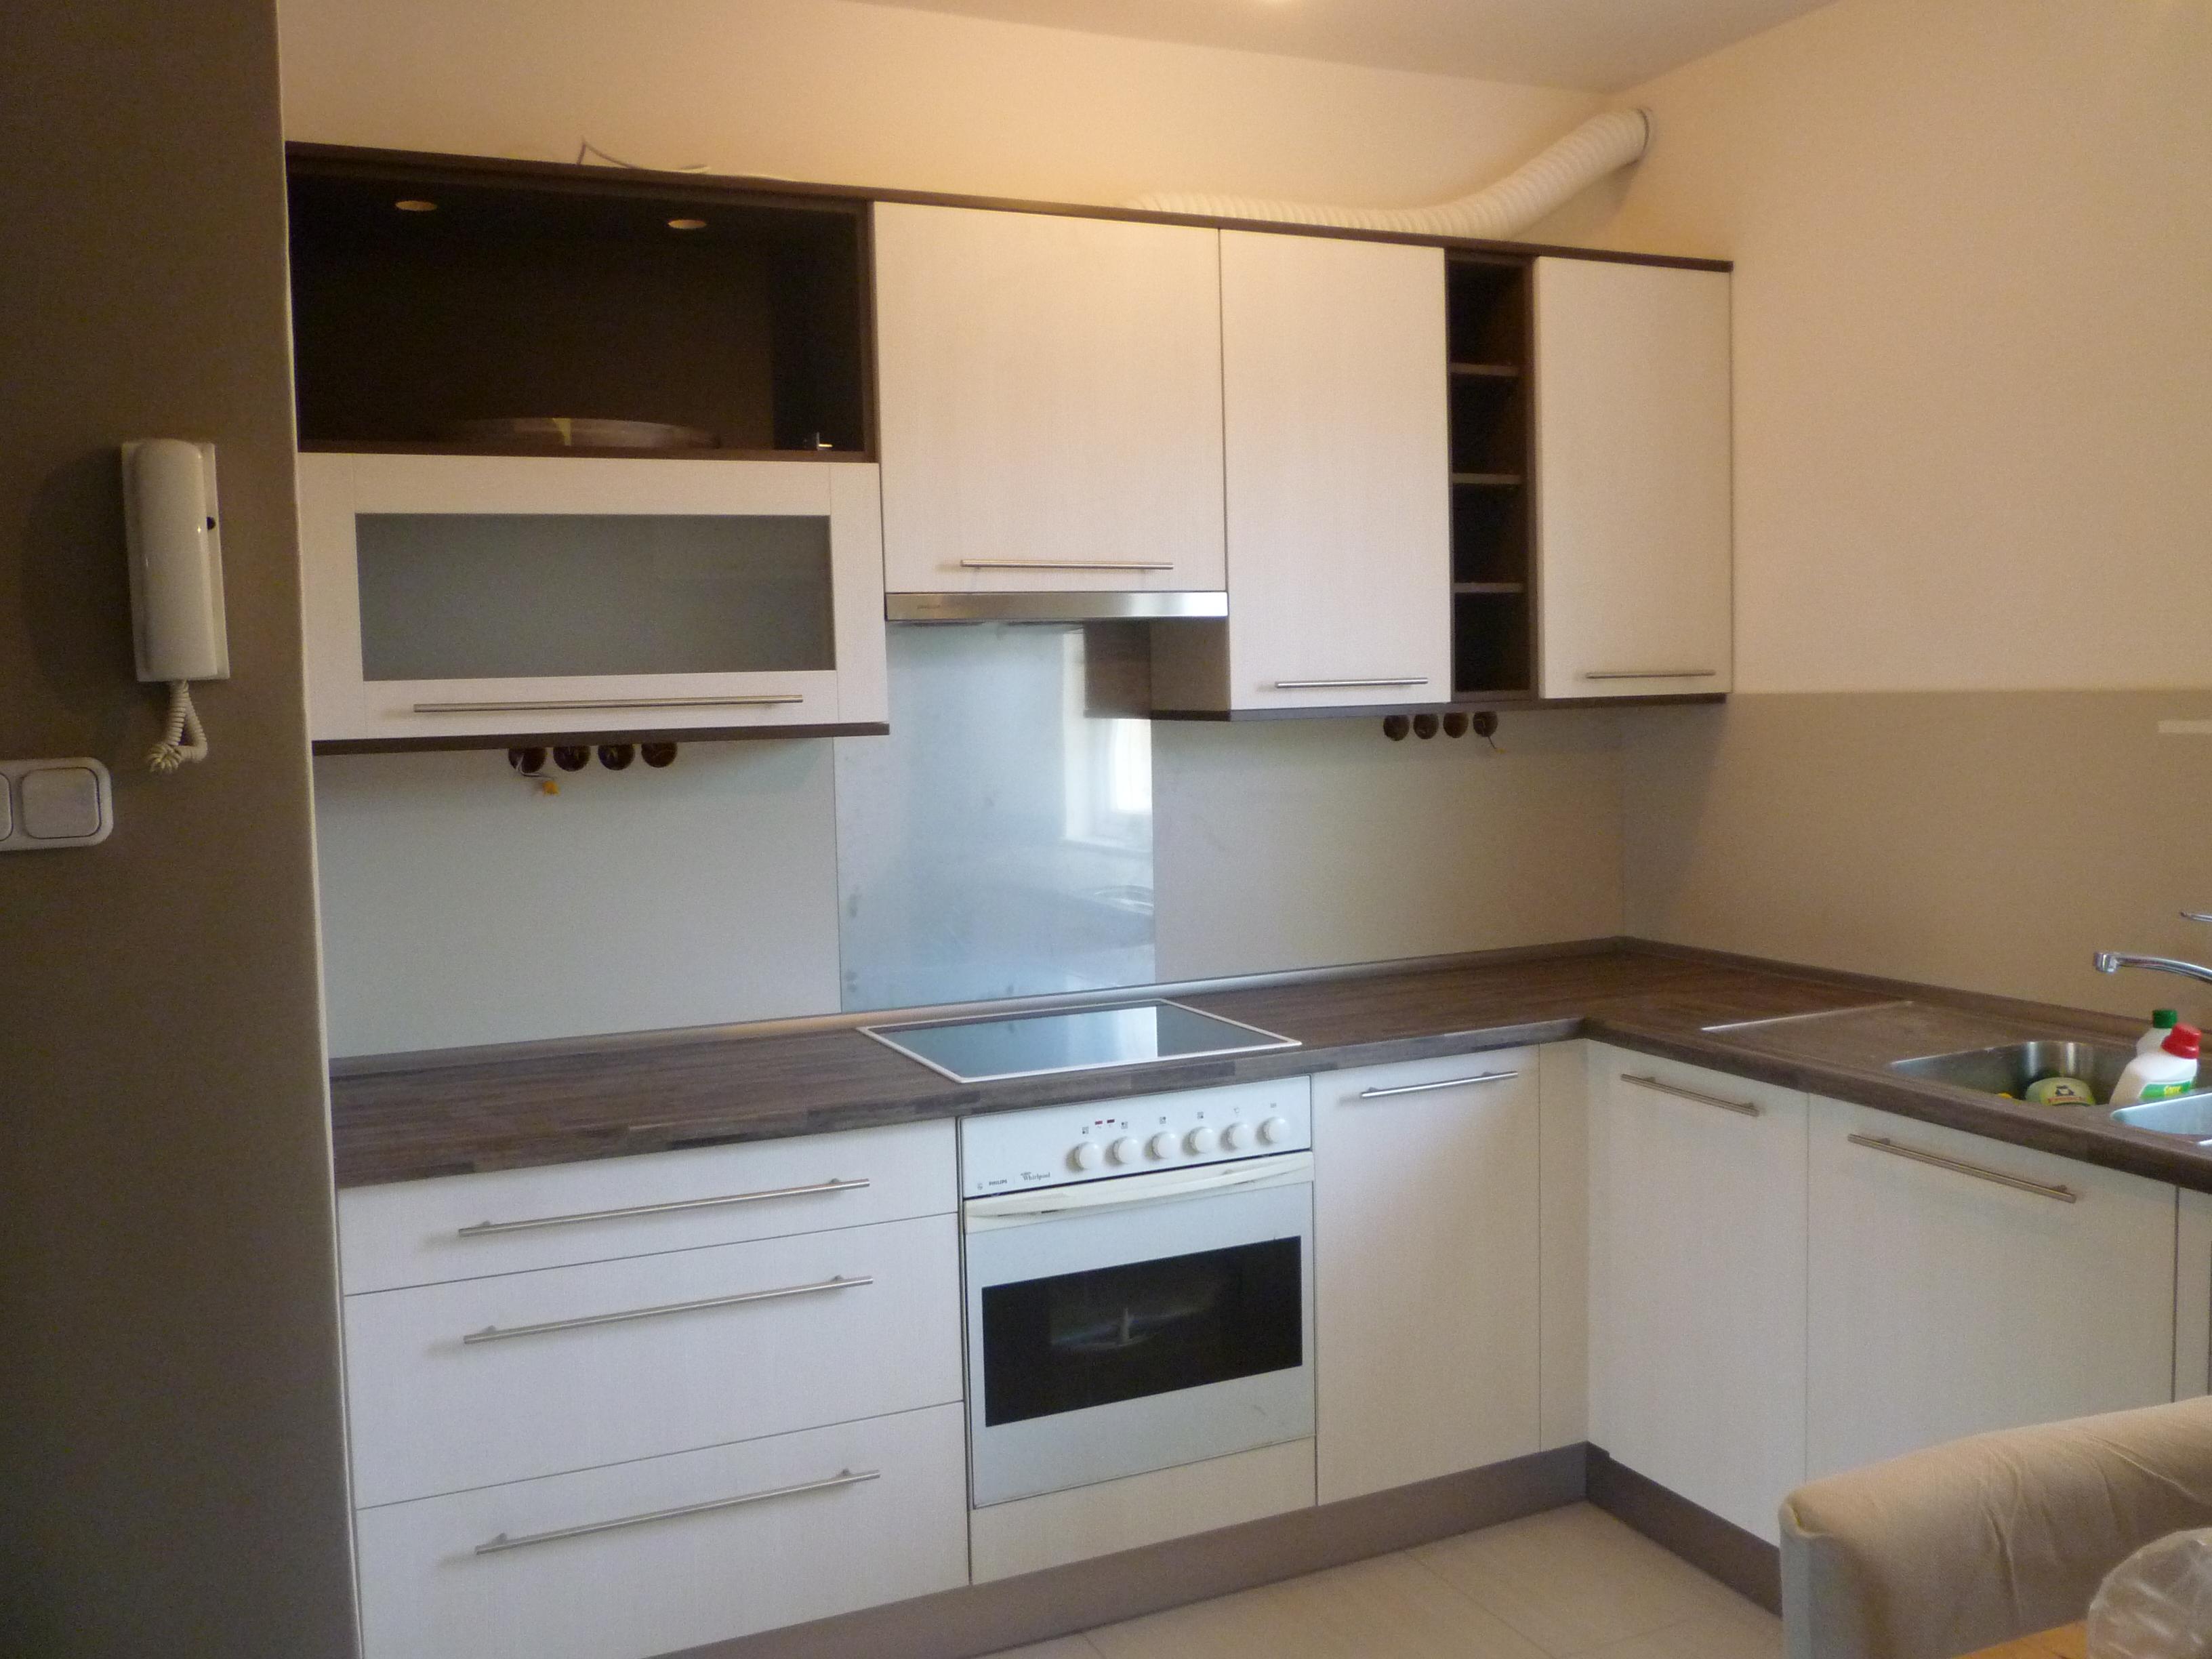 Modern konyha fehér-dió színben - Konyha-szerviz Stúdió Bt.